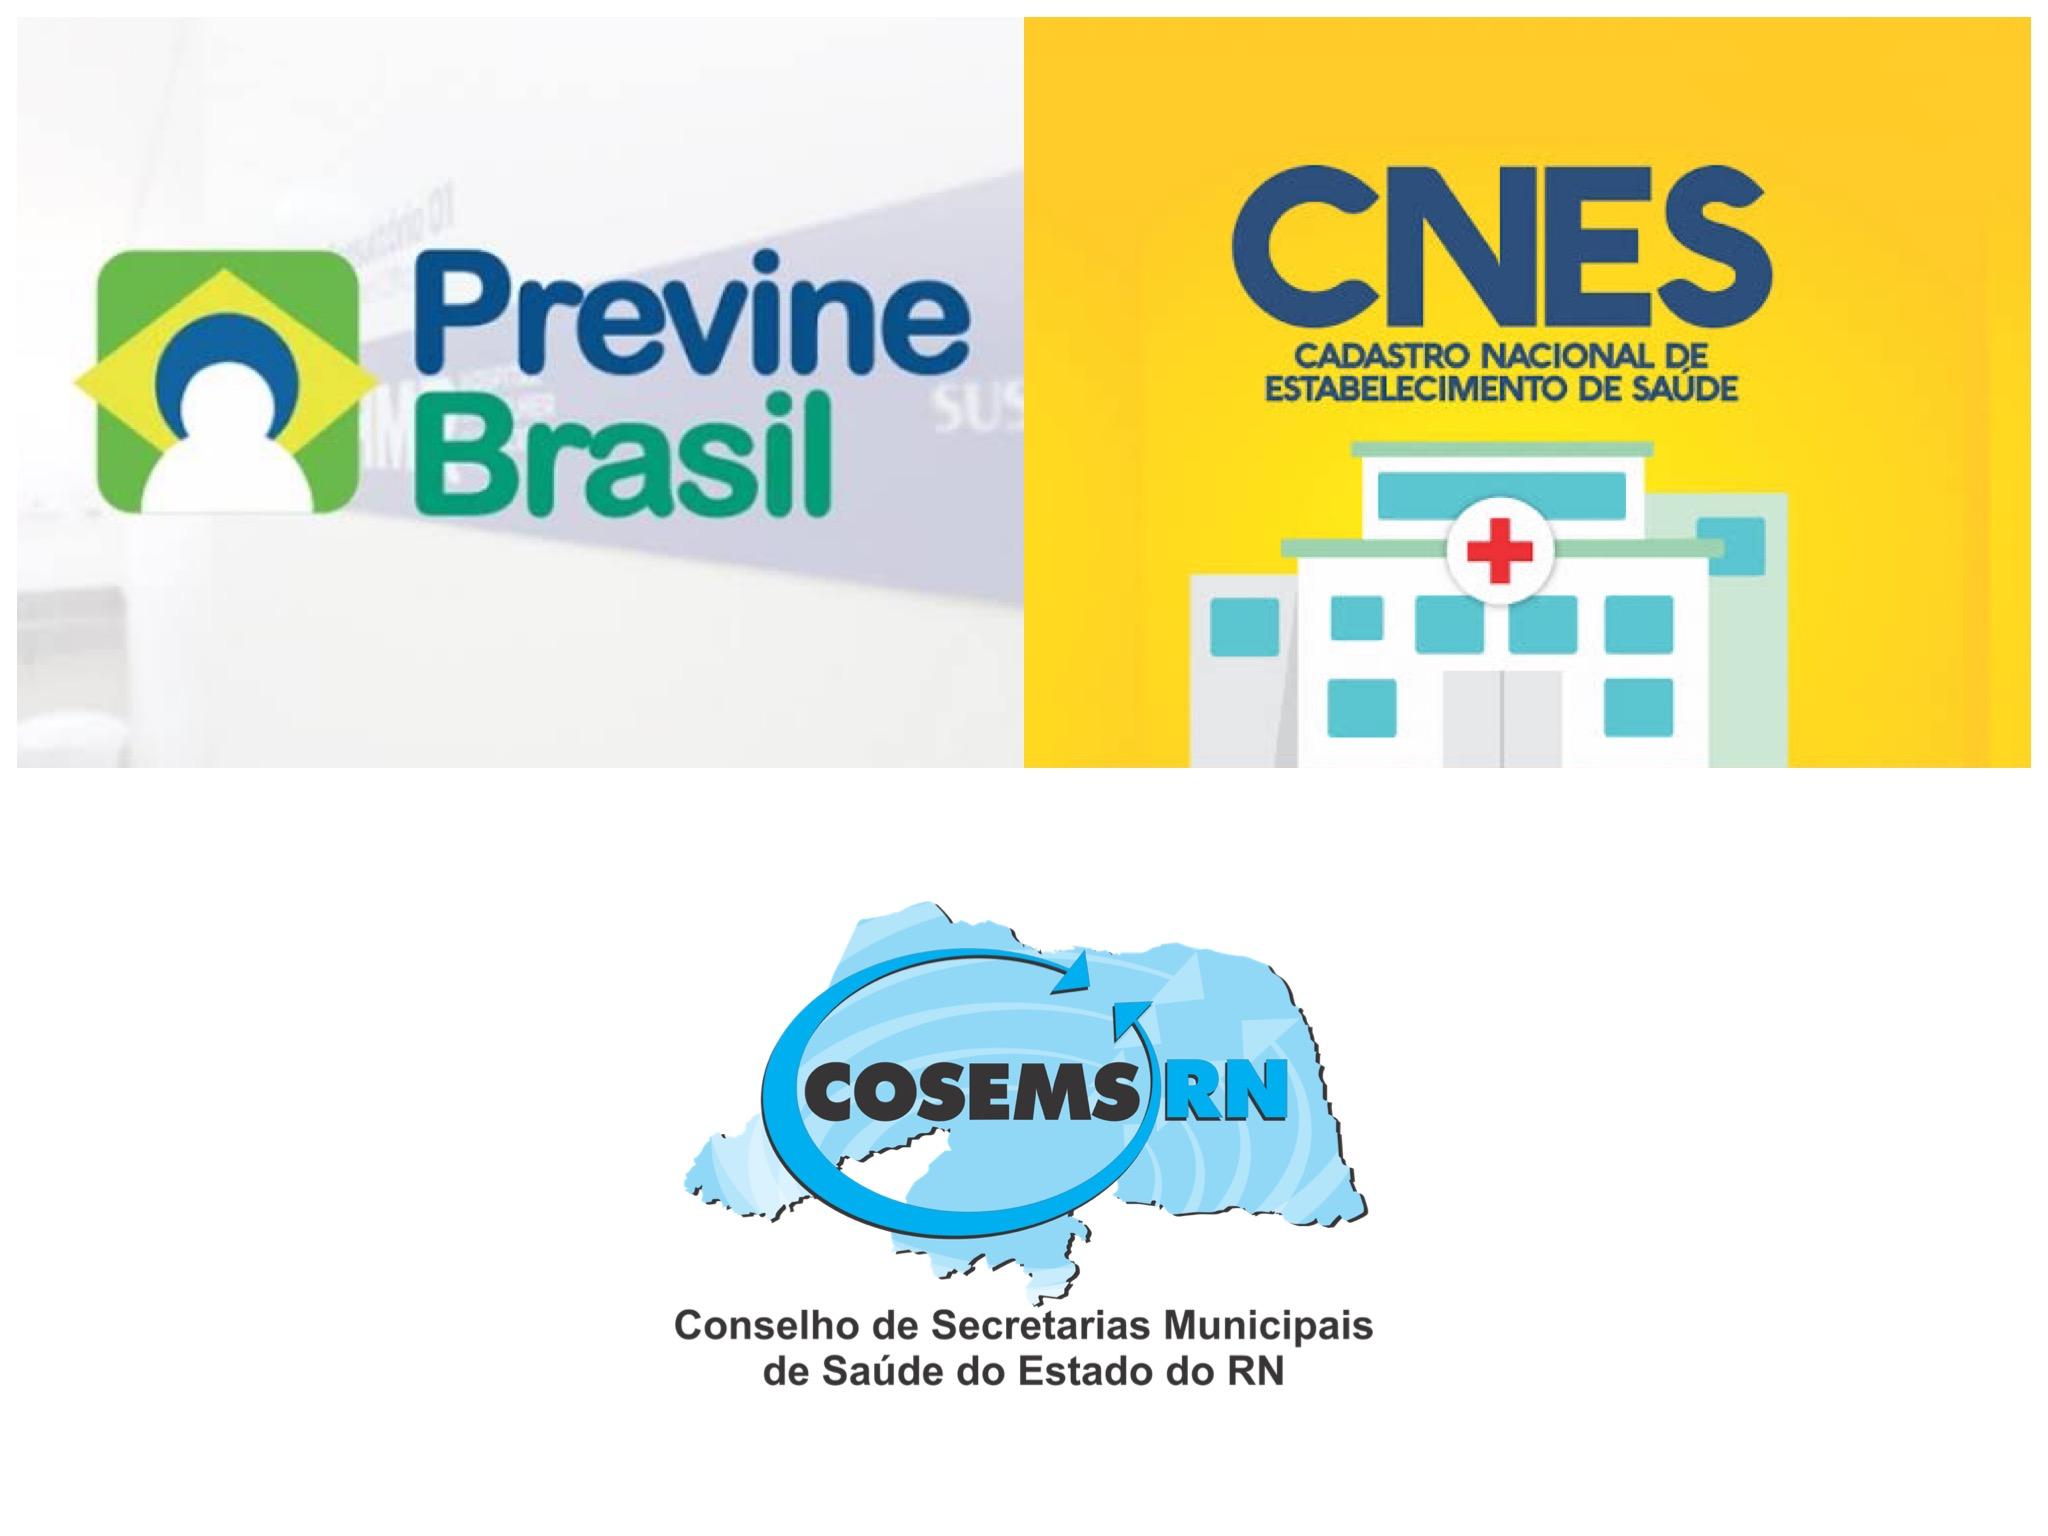 Cosems capacitará gestores sobre captação ponderada, indicadores do Previne Brasil, CNES e credenciamento e descredenciamento de equipes